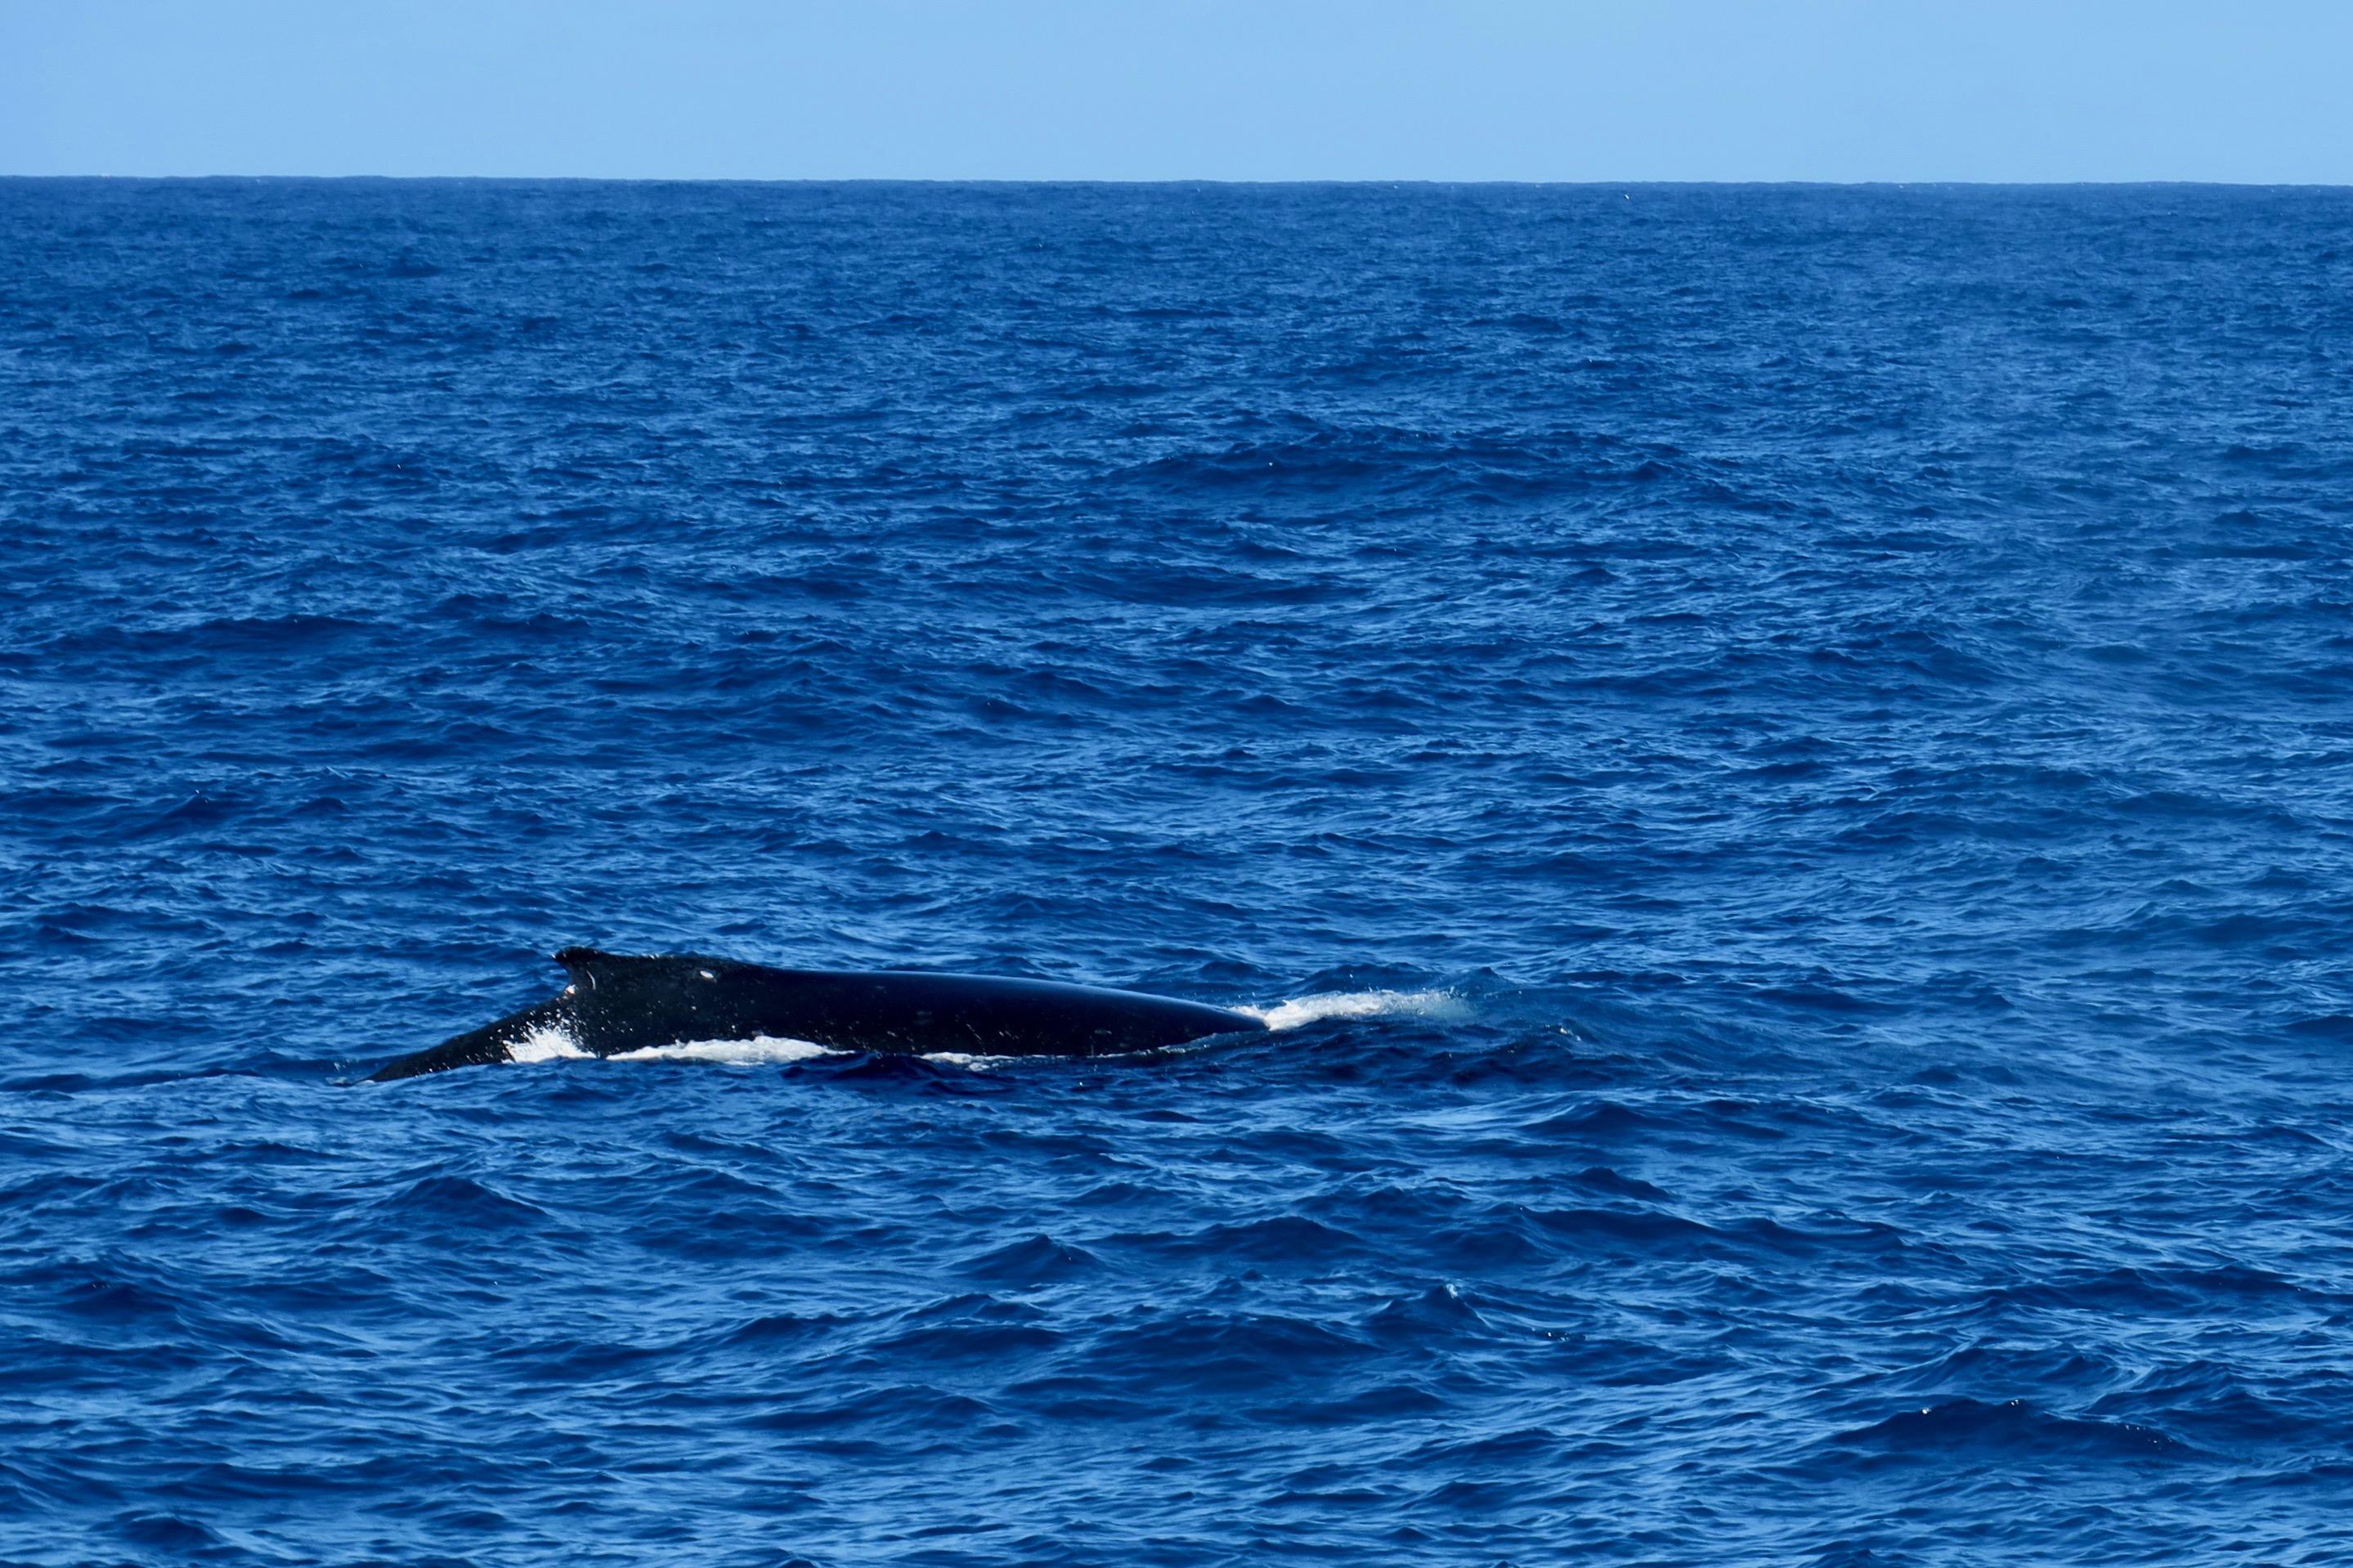 whale-in-pacific-ocean-kauais-napali-coast